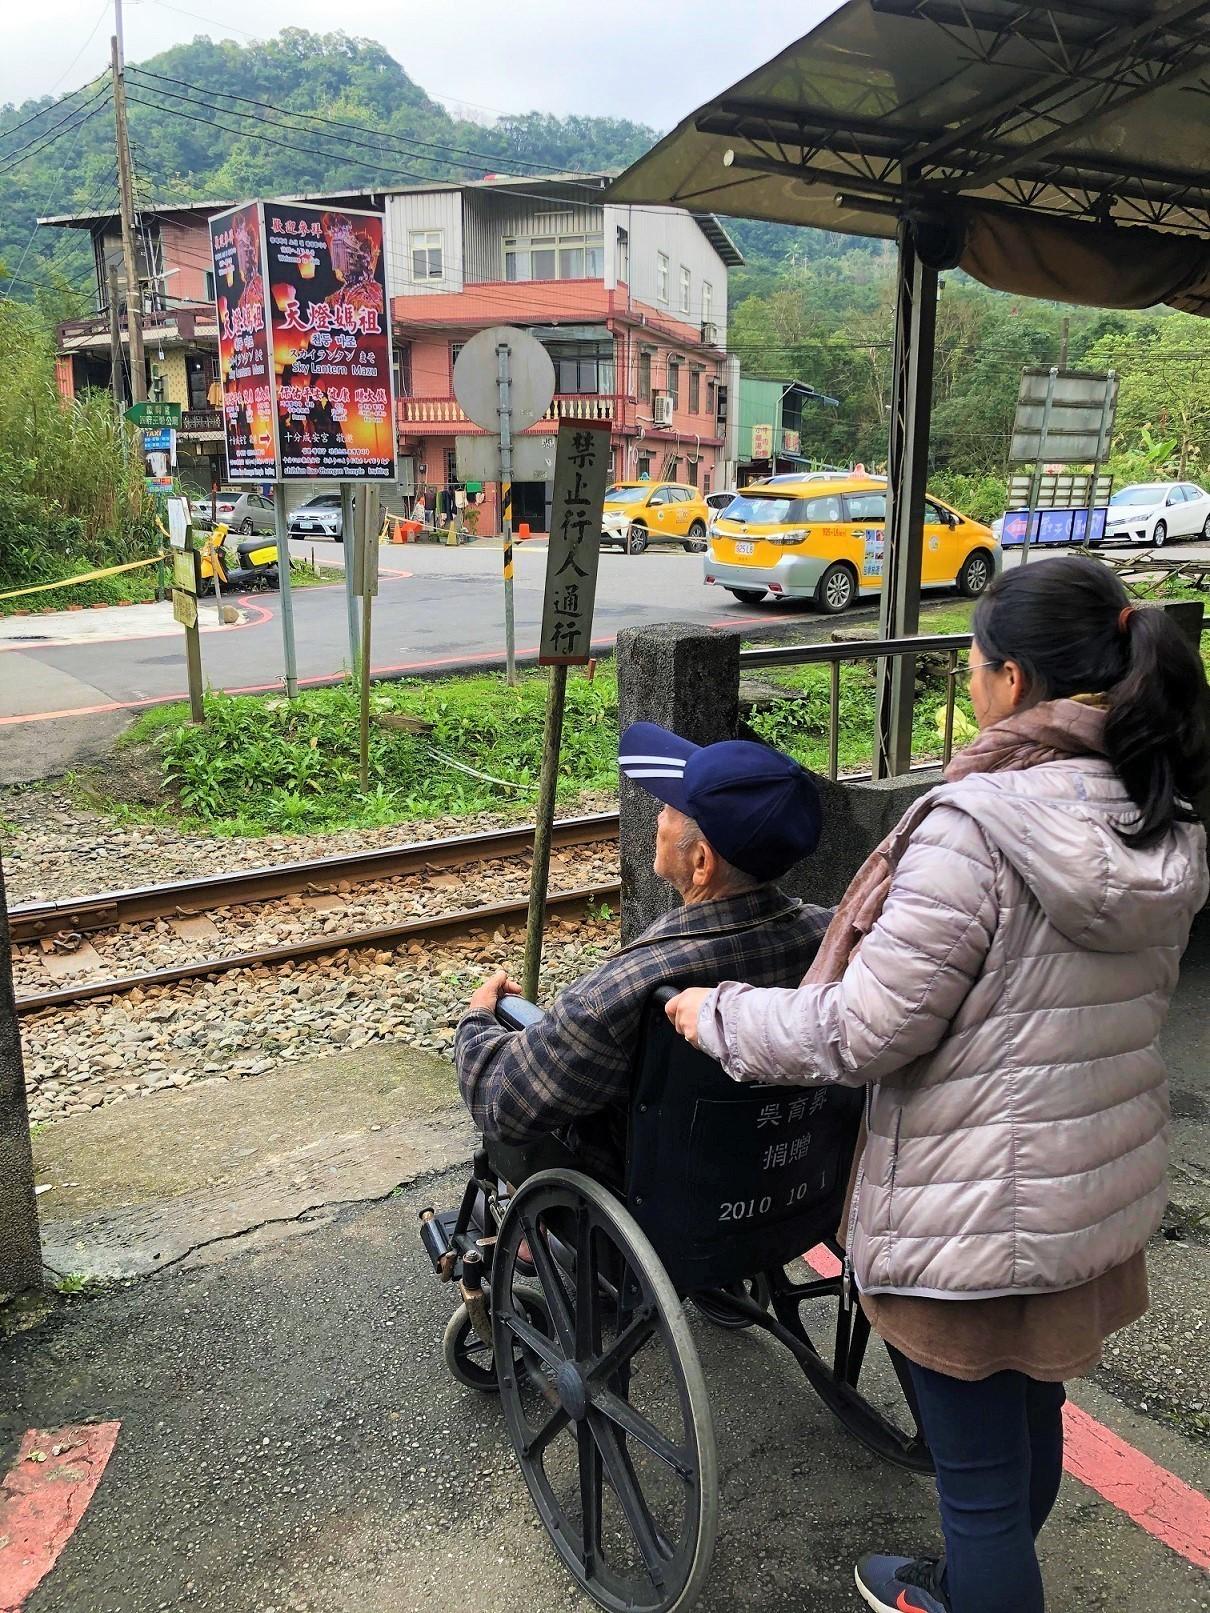 十分火車站沒有無障礙通道,對老人來說很不便。(攝影/黃尚御)